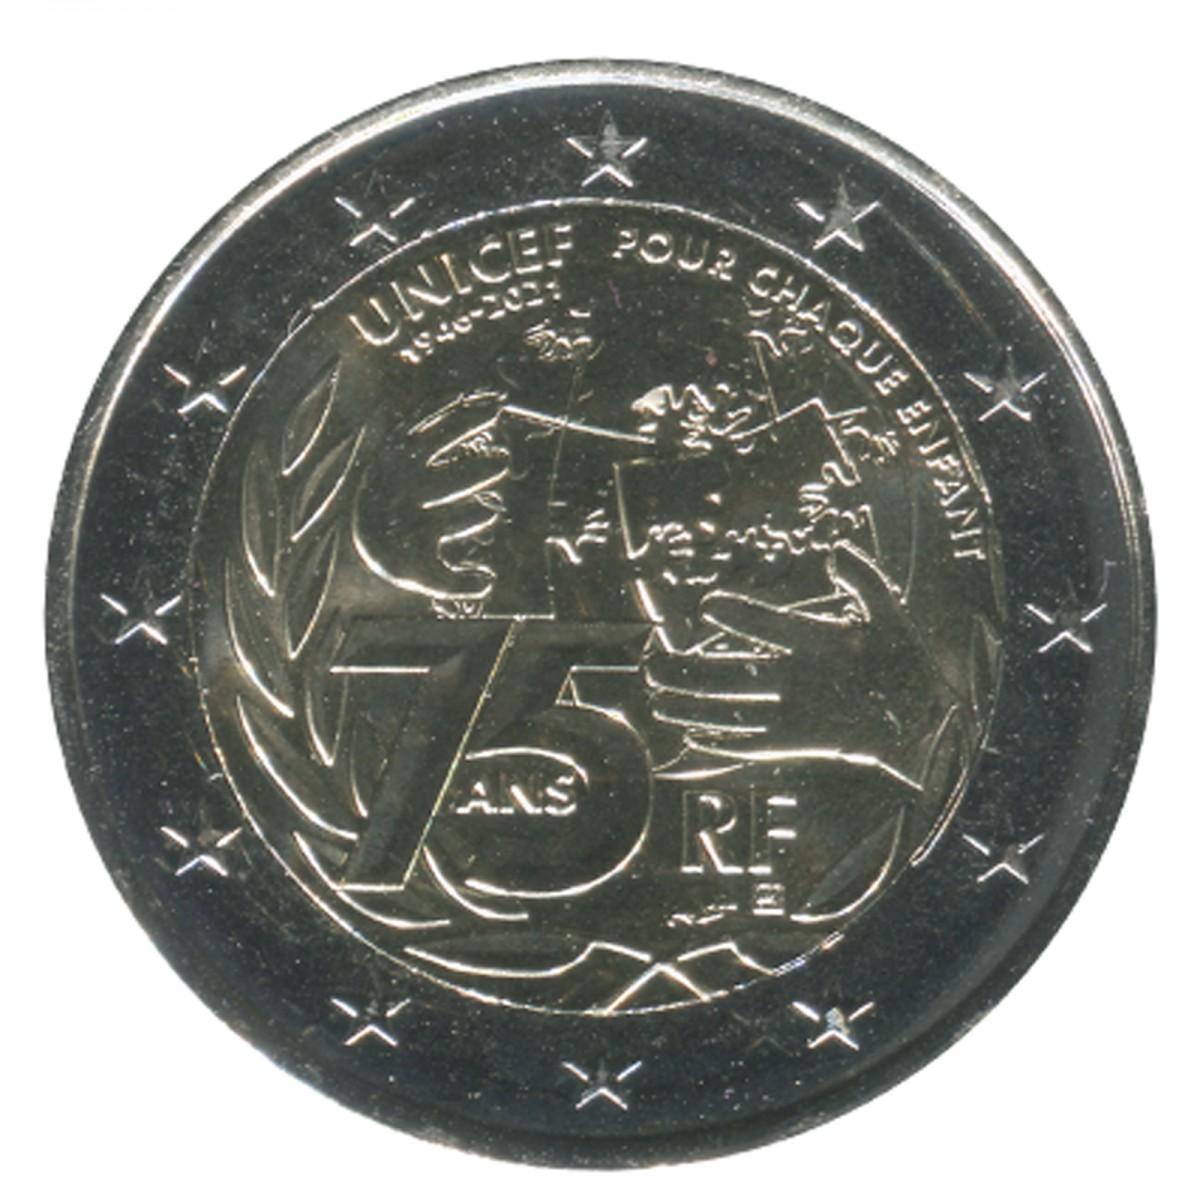 2 euro coin france 2021